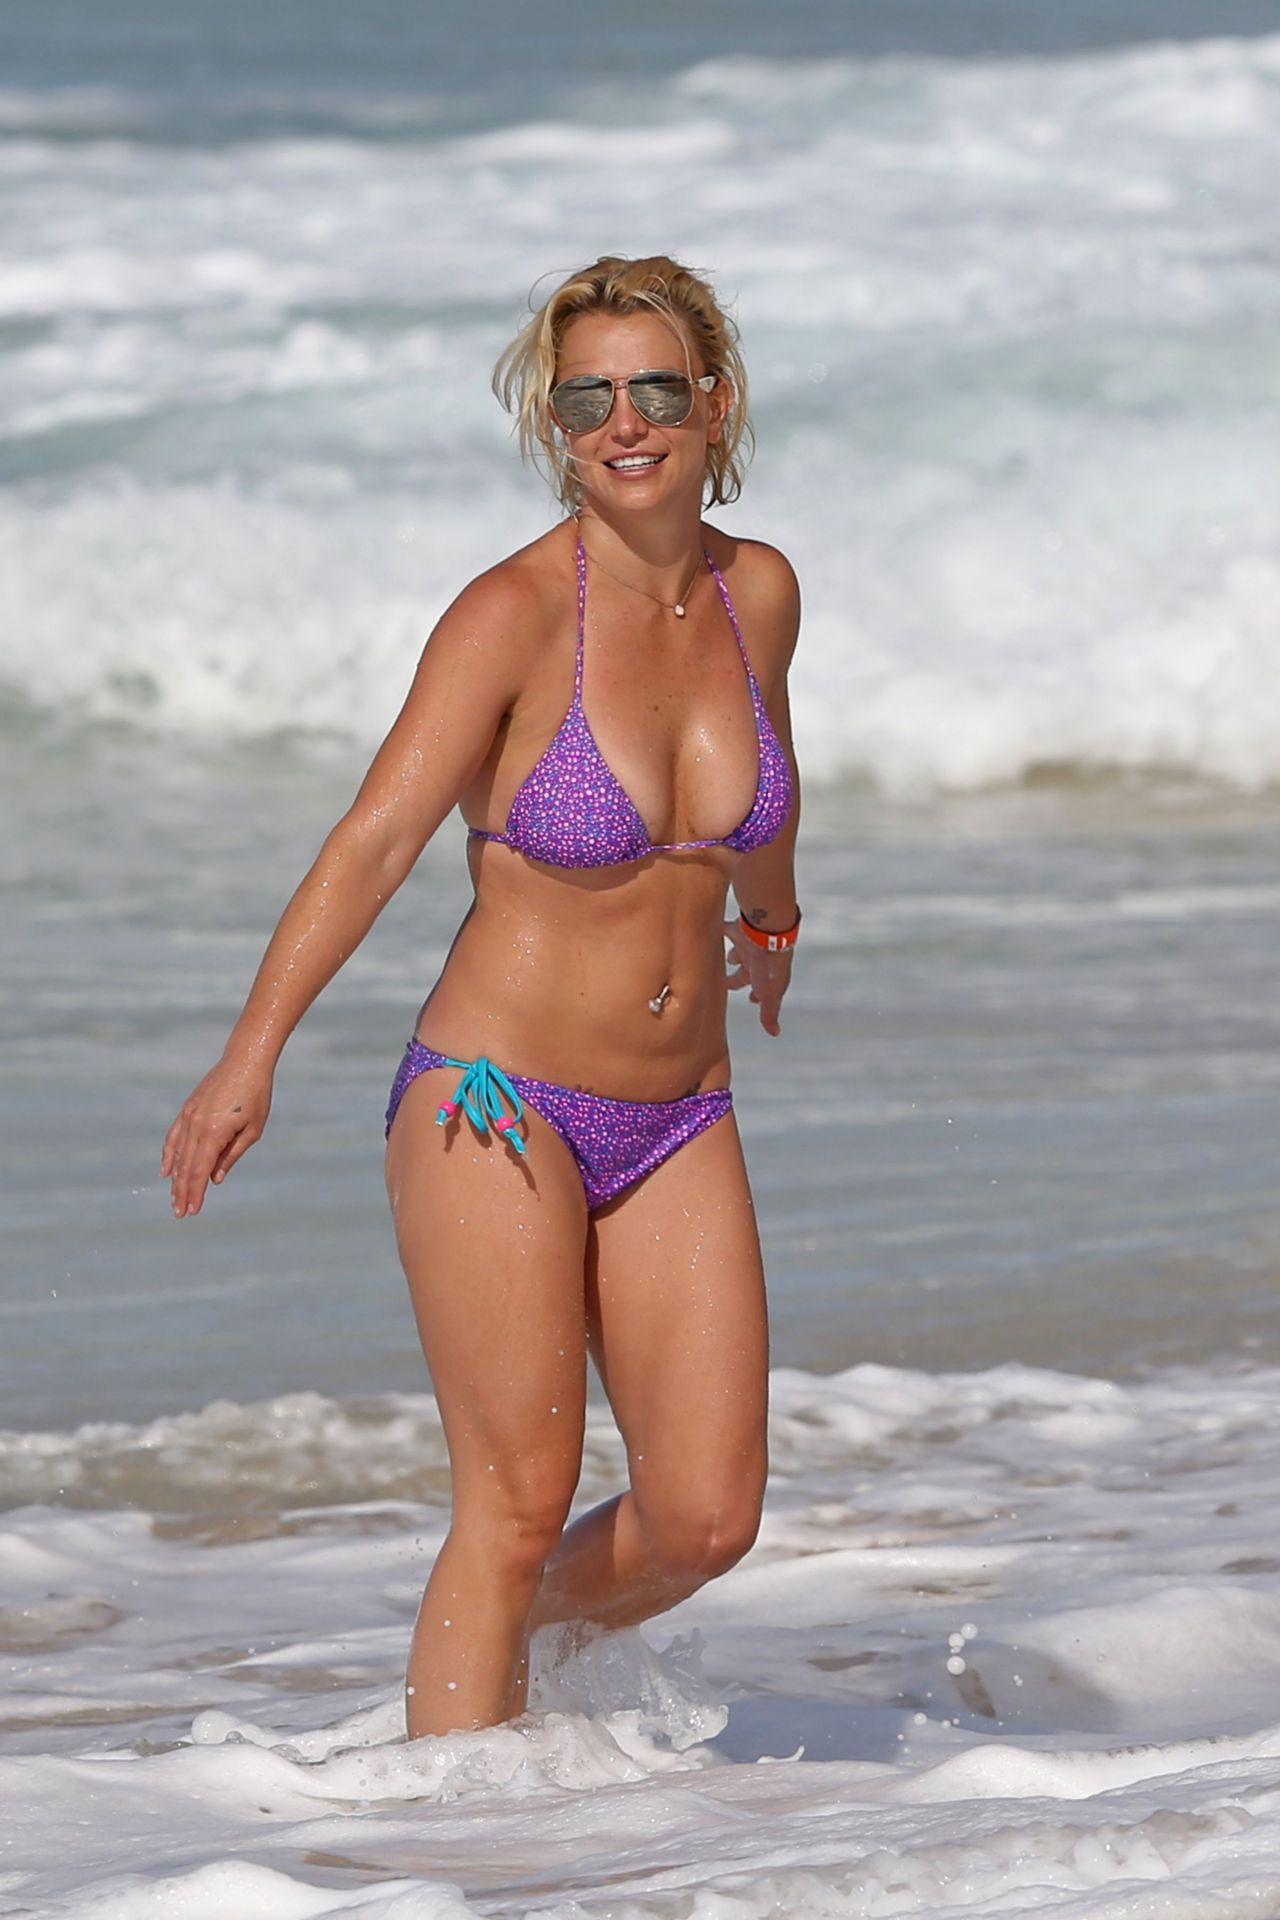 Britney Spears On A Beach In A Bikini In Hawaii July 2015